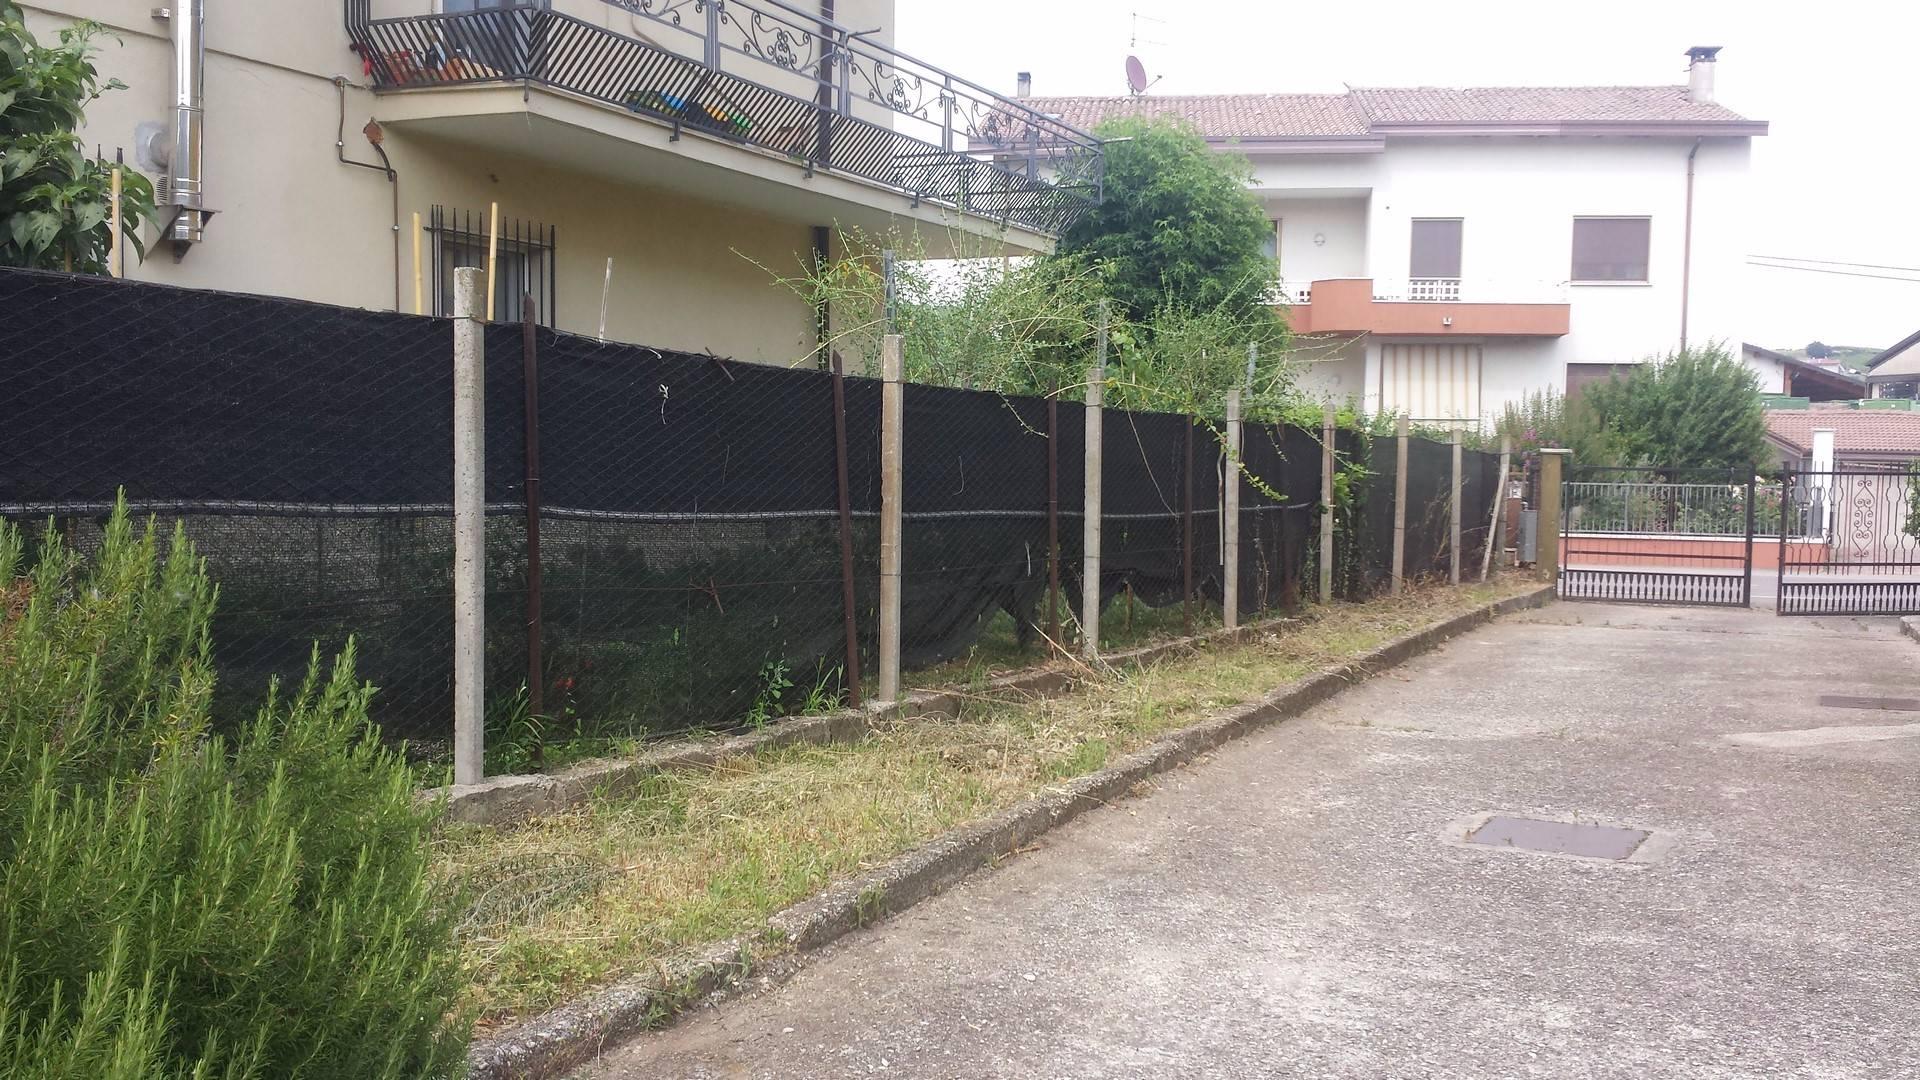 Appartamento in vendita a Monteforte d'Alpone, 6 locali, zona Zona: Monteforte, prezzo € 160.000 | Cambio Casa.it